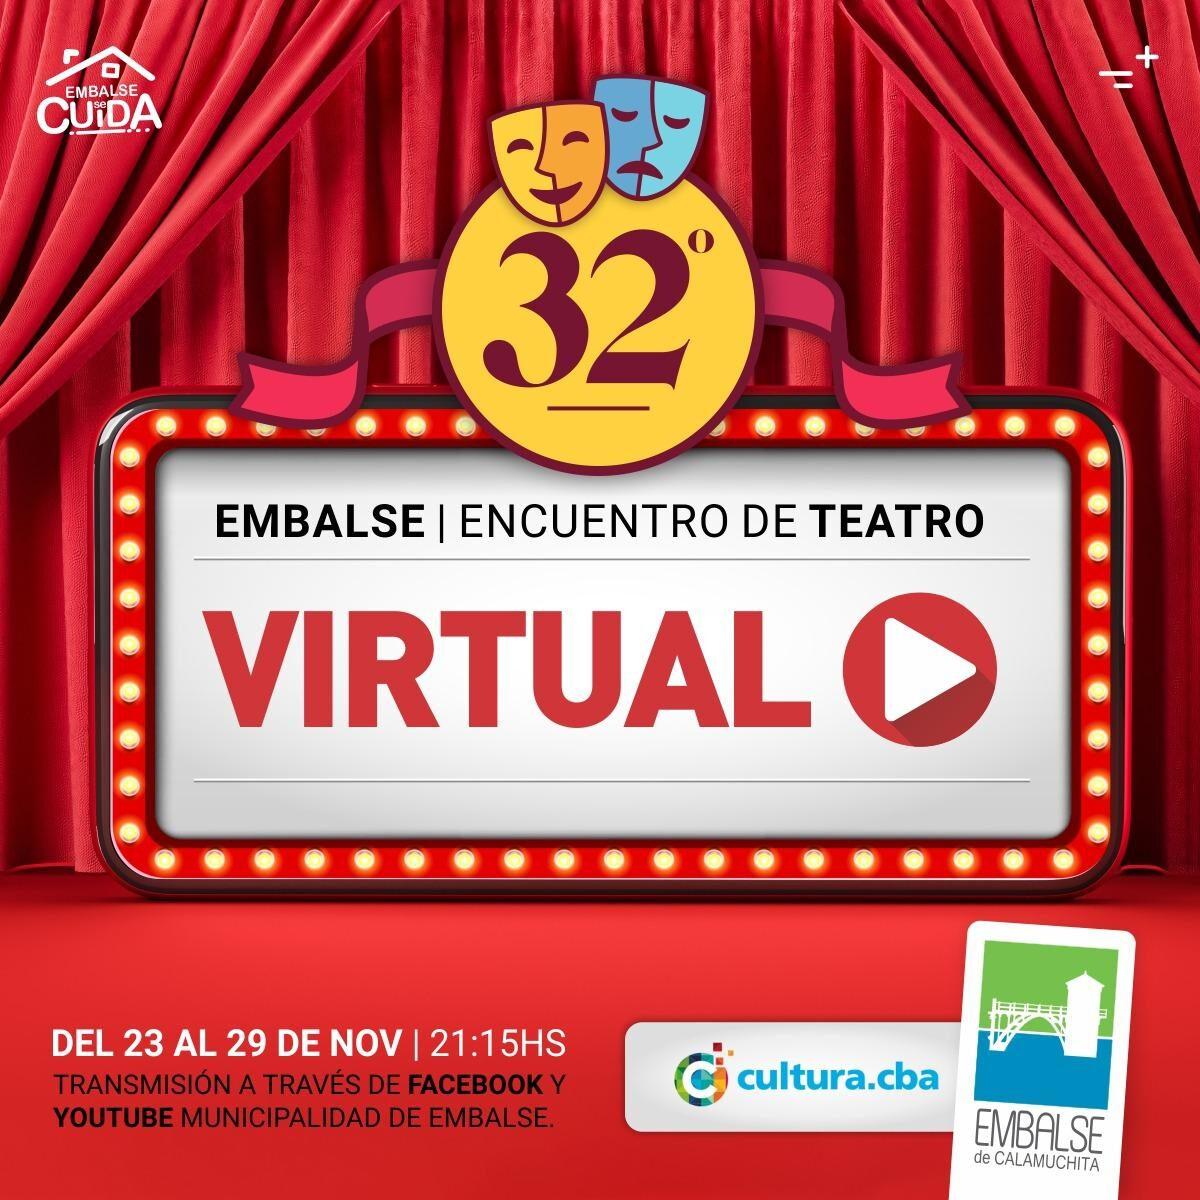 Embalse: Llega el 32° Encuentro de Teatro en formato virtual